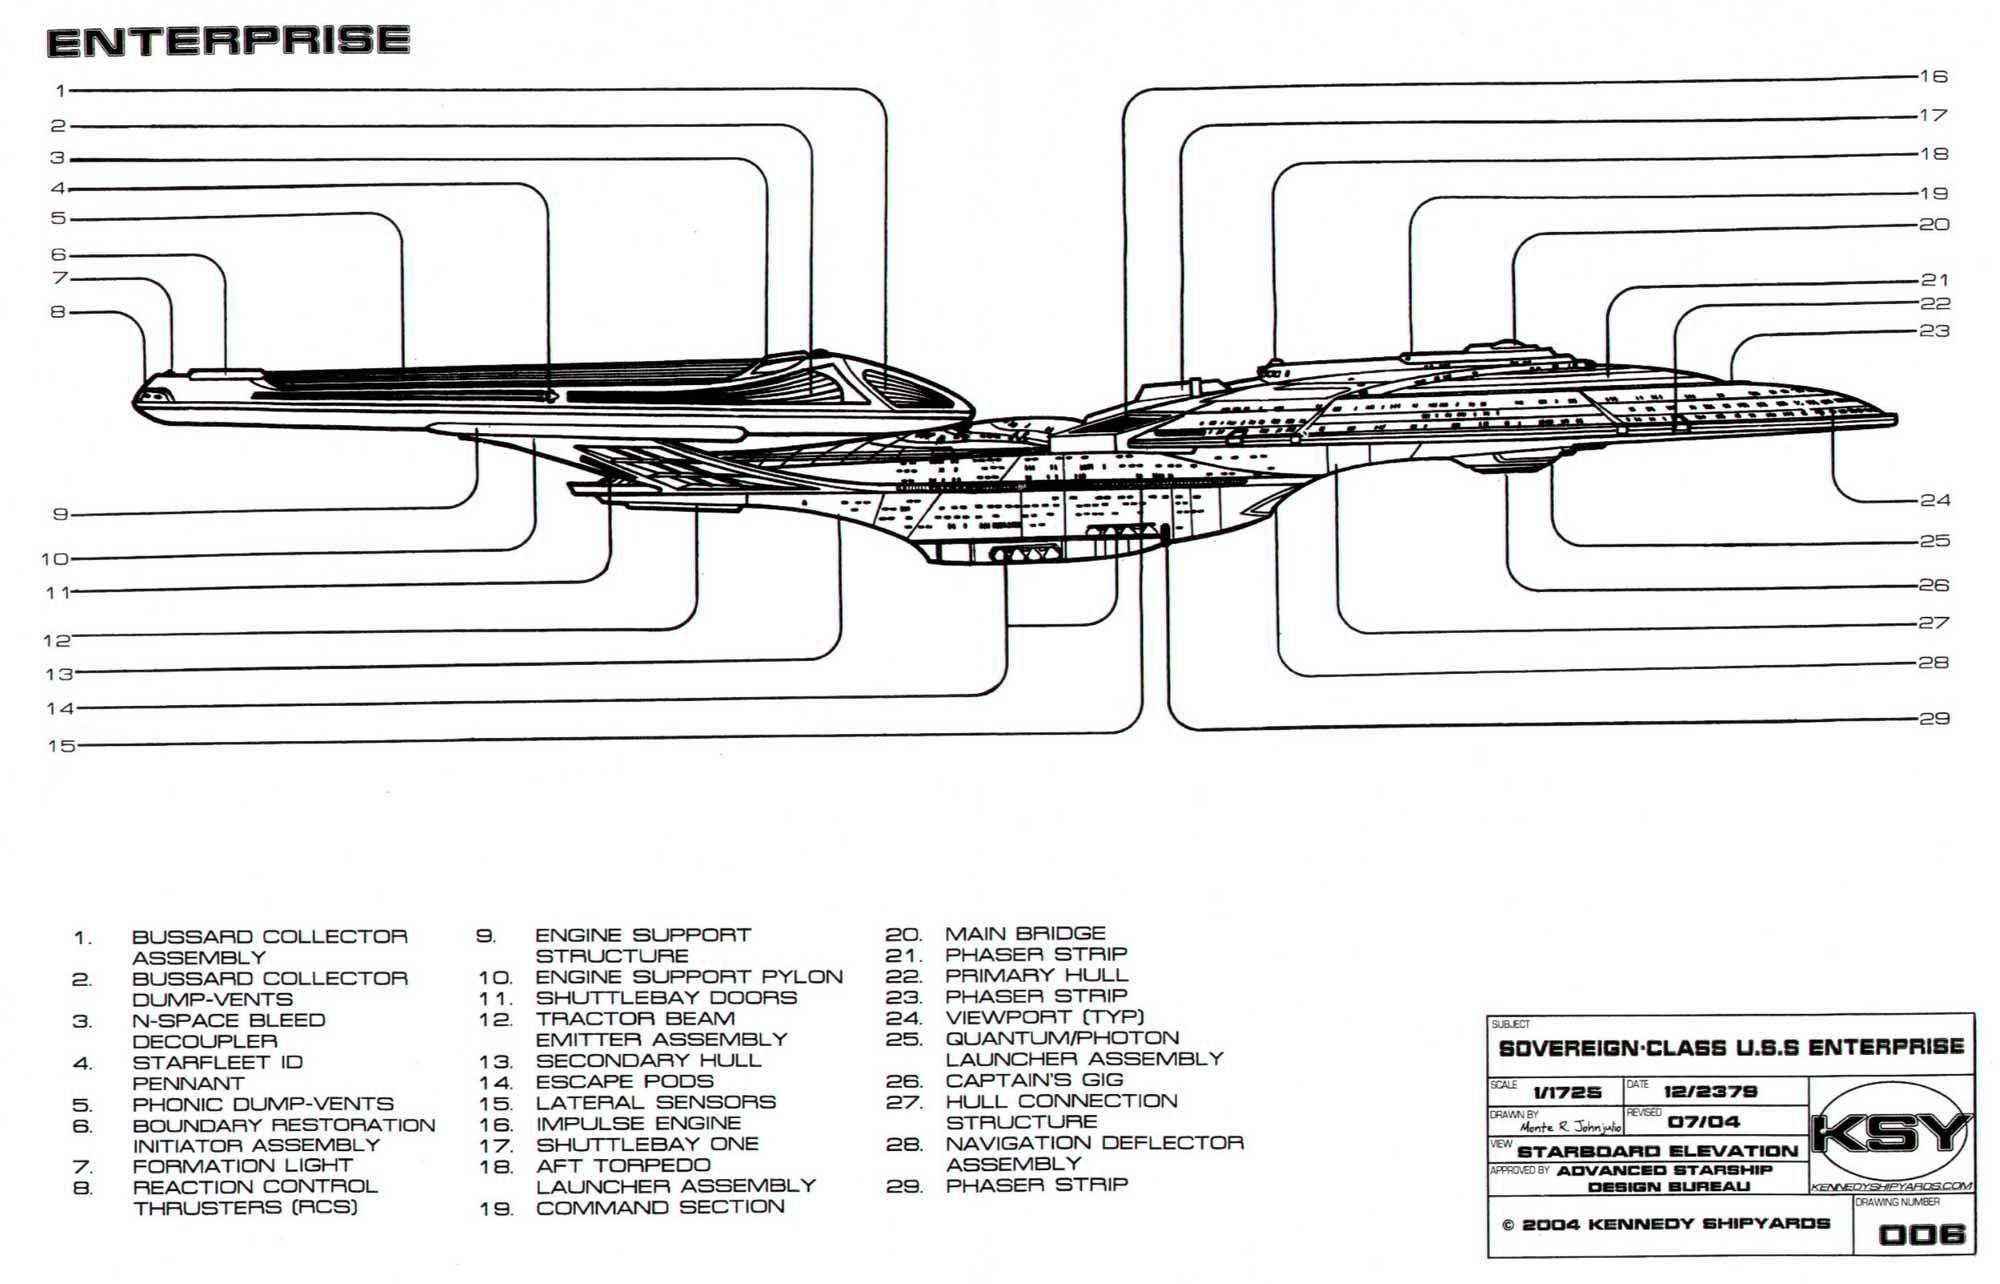 Uss enterprise ncc 1701 d galaxy class saucer separation r flickr - Star Trek Blueprints Sovereign Class Federation Starship U S S Enterprise Ncc 1701 E Star Trek Pinterest Star Trek Trek And Star Trek Ships